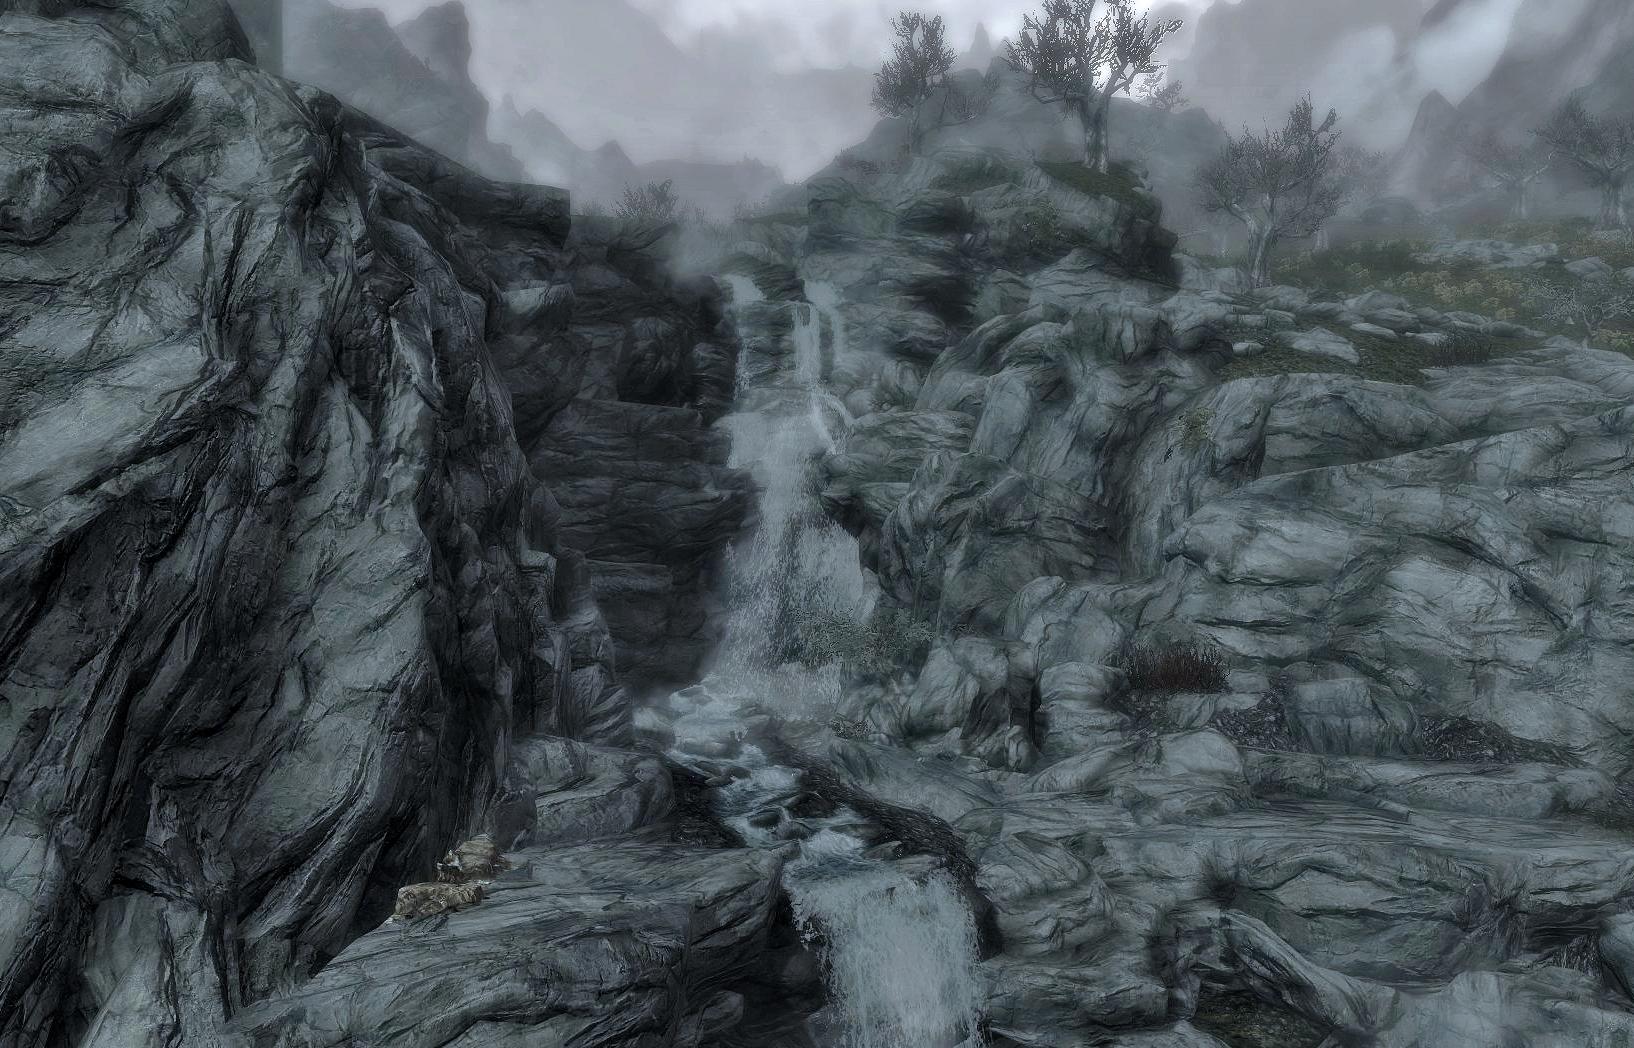 Reachwater Rock & Reachwater Rock   Elder Scrolls   FANDOM powered by Wikia